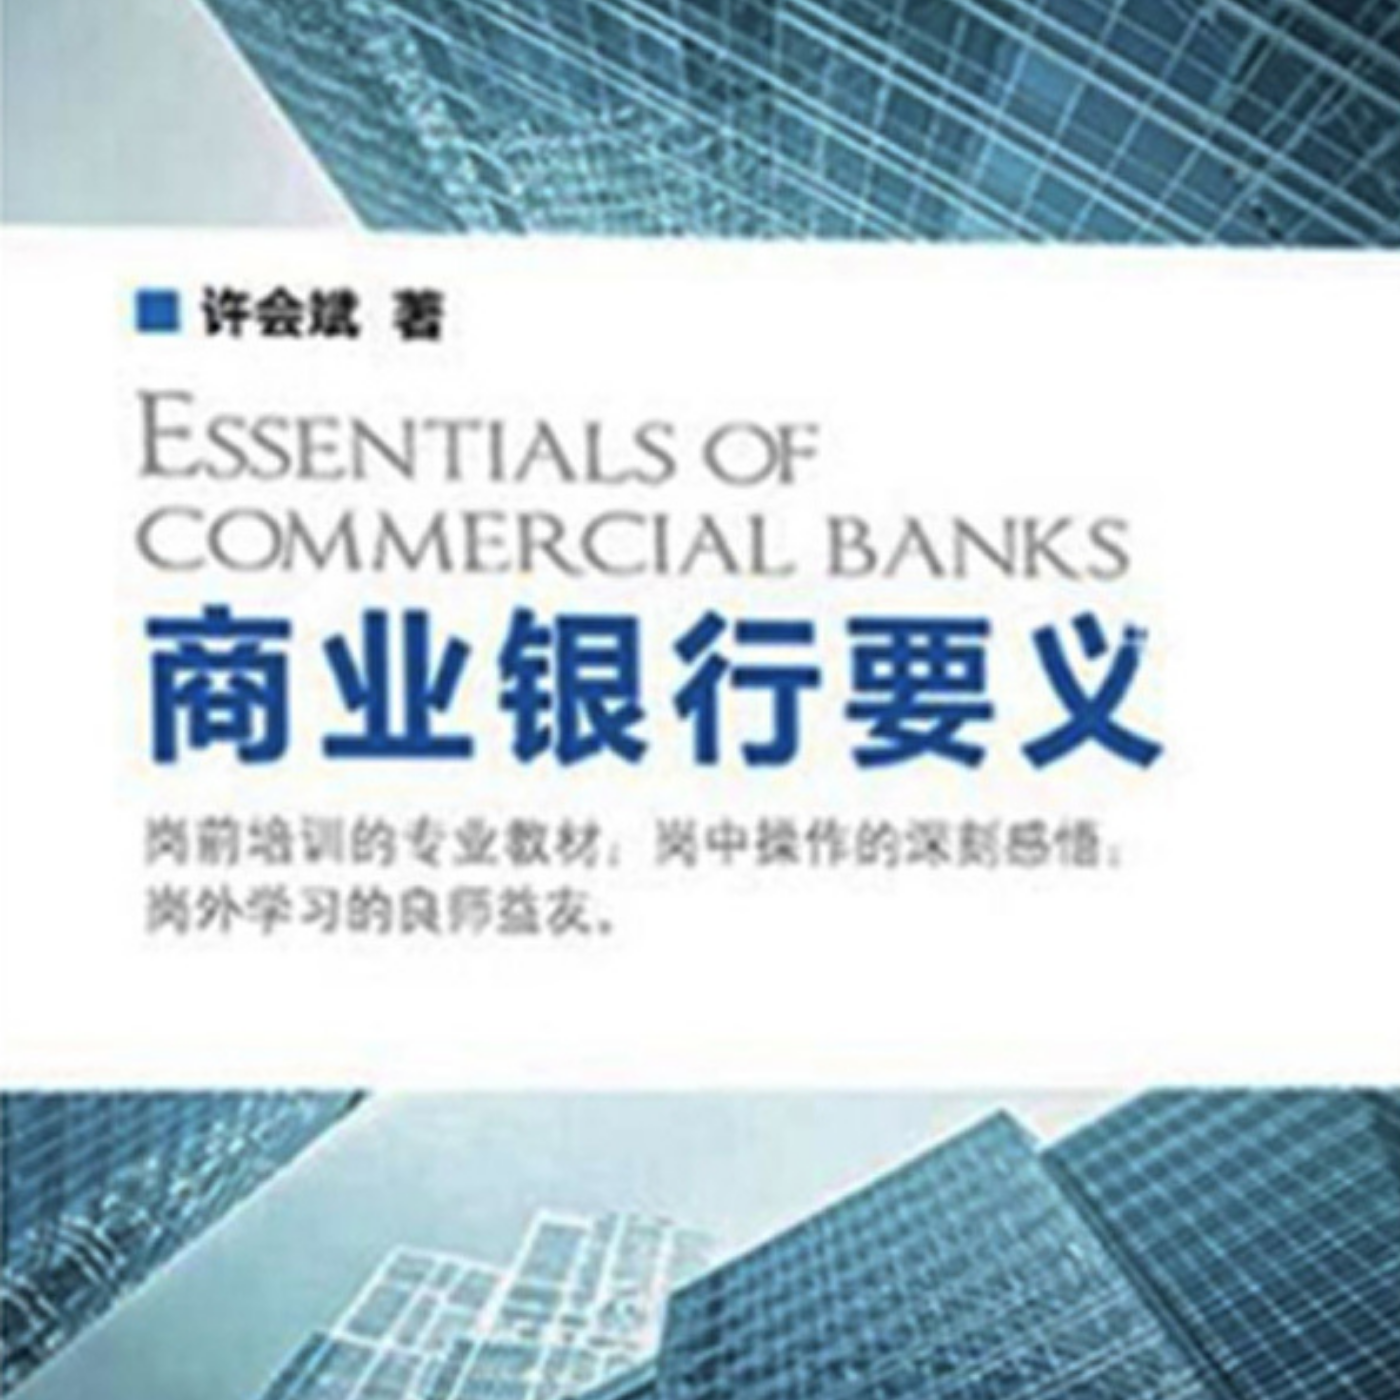 商业银行要义